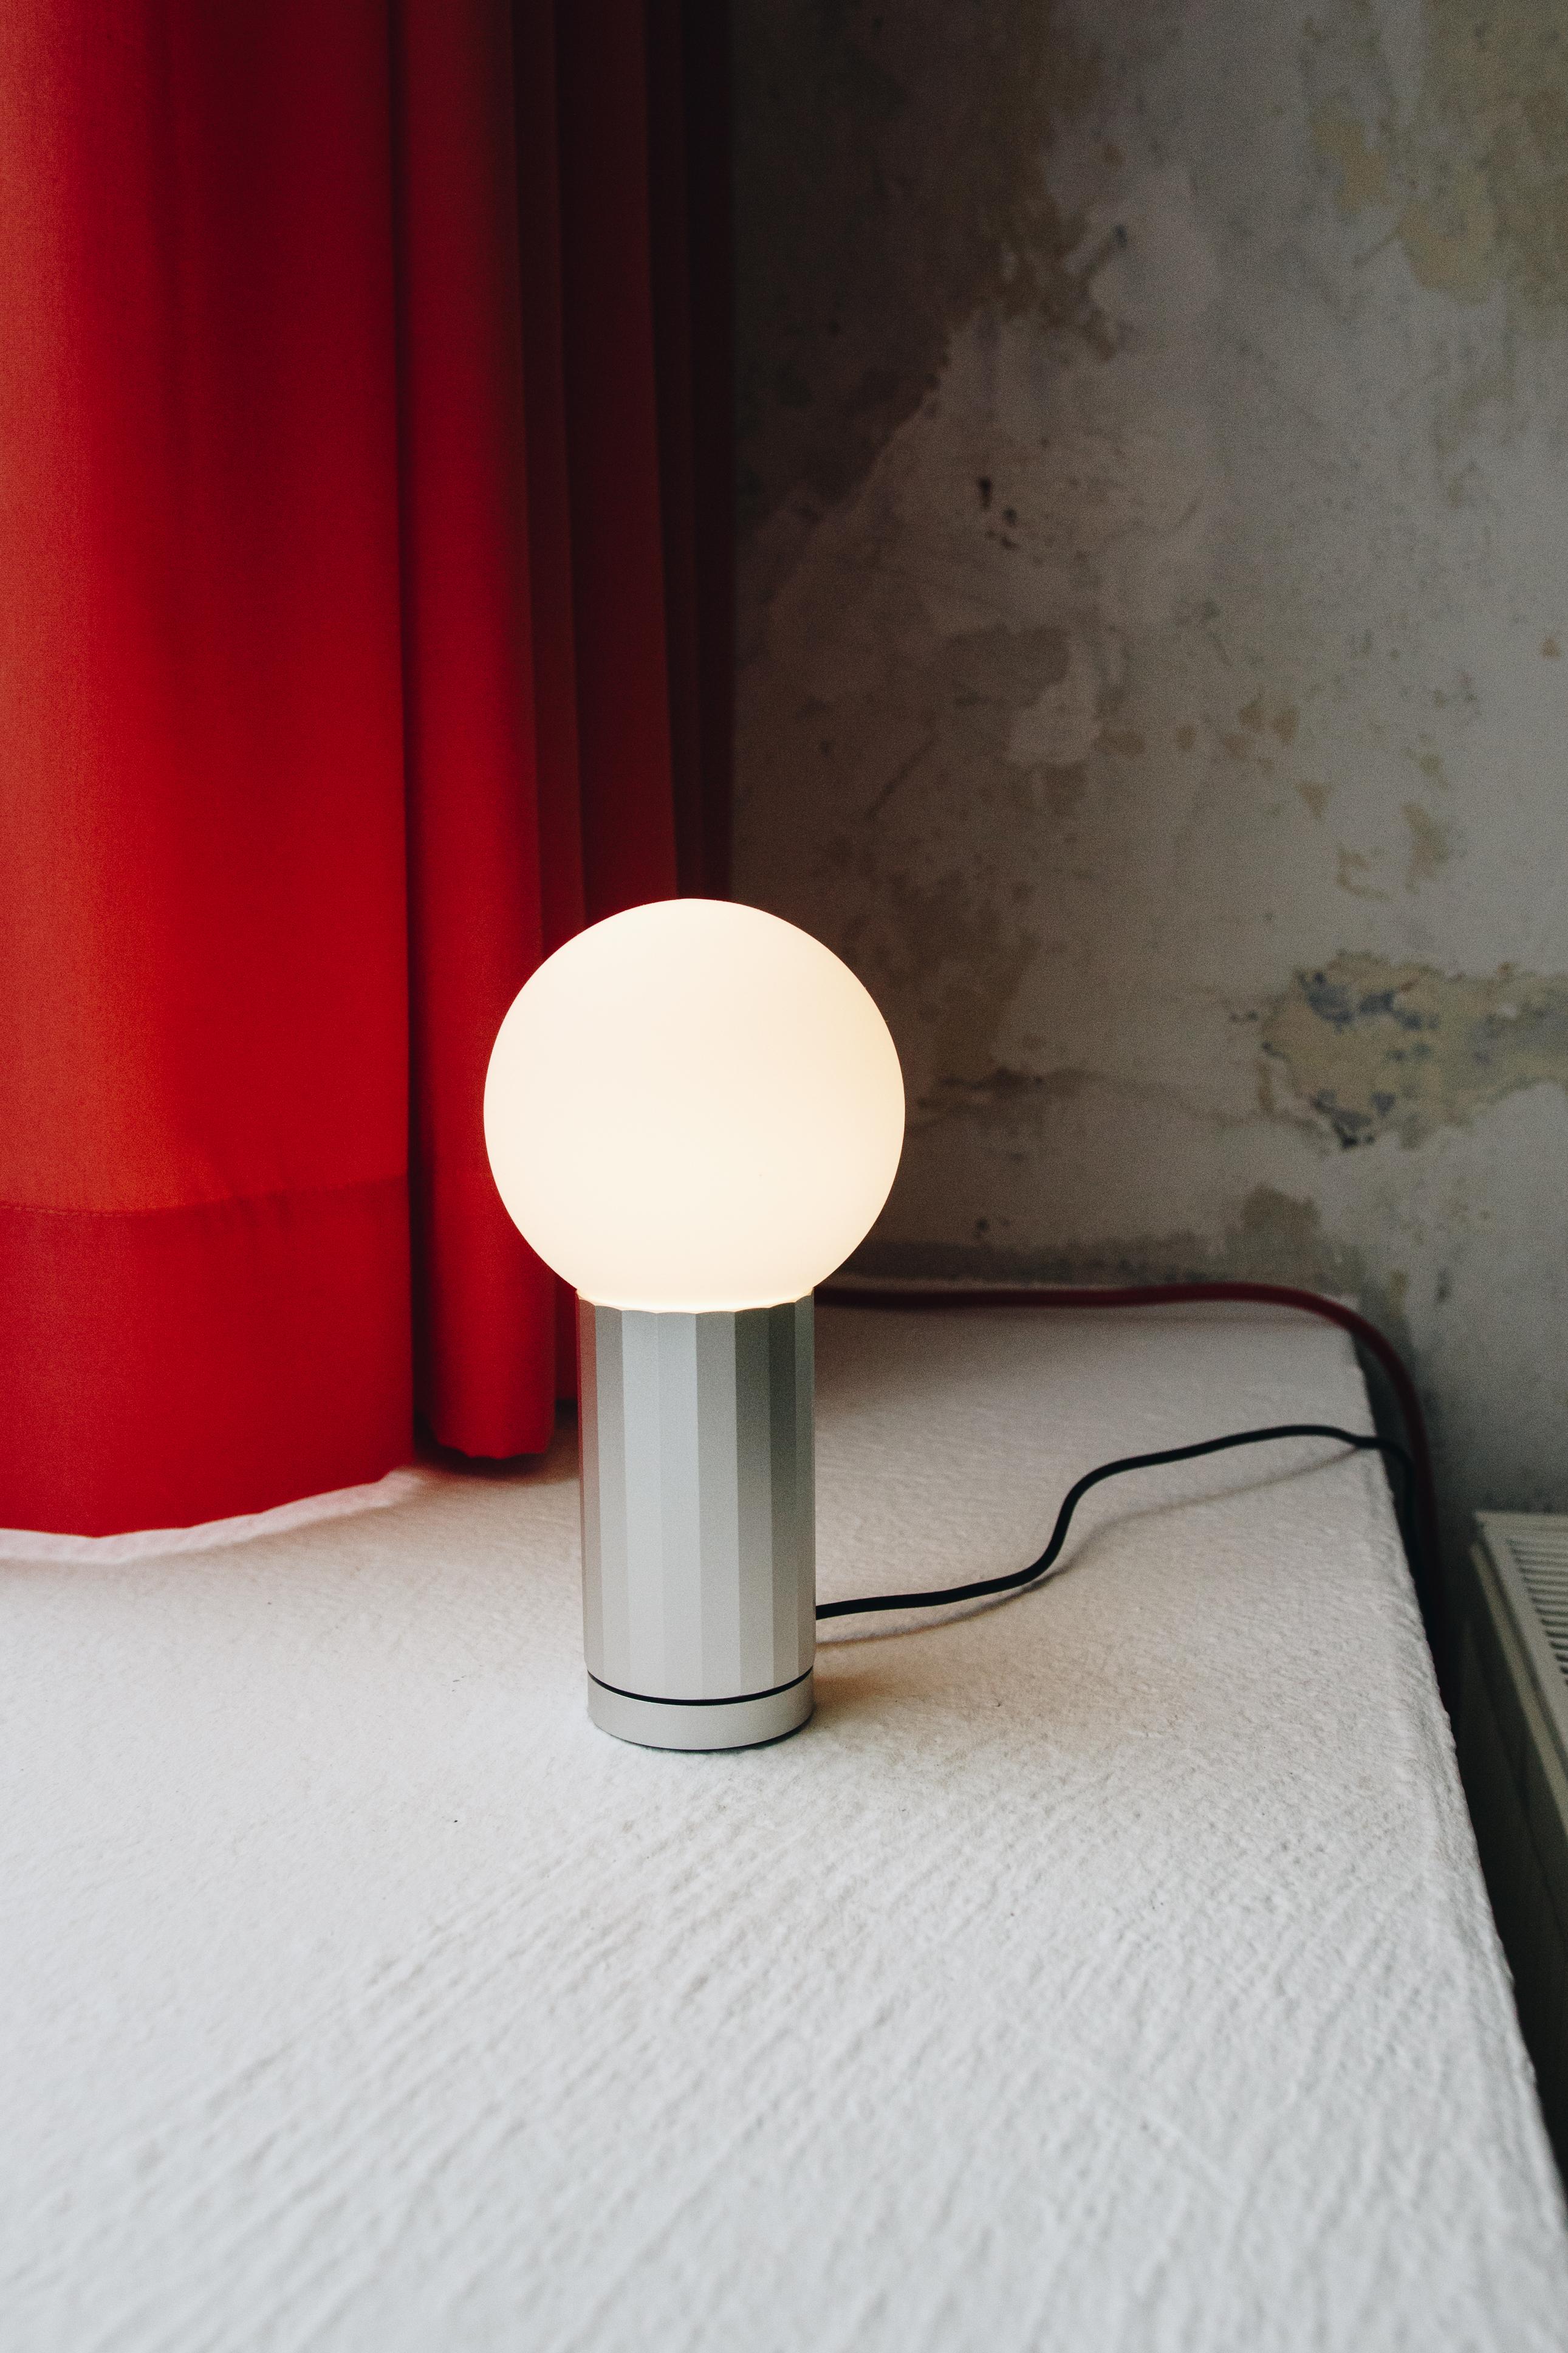 apartment102-annabelle sagt-mindt design studio-yoga-pierre von helden-leipzig13